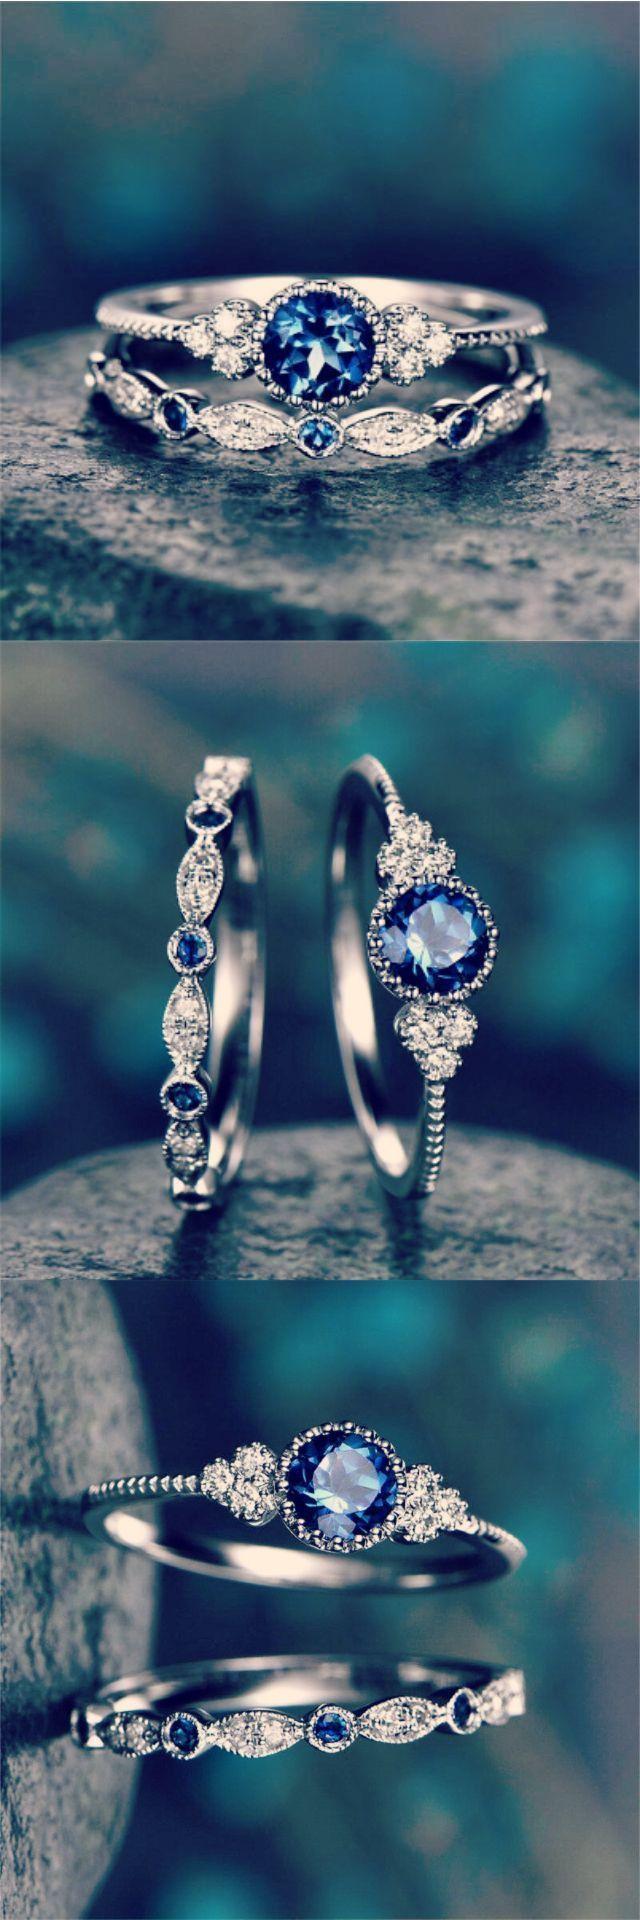 Photo of Luxury Crystal Ring 2 Pcs / Set – Luxury Crystal Ring 2 Pcs / Set – #bea …